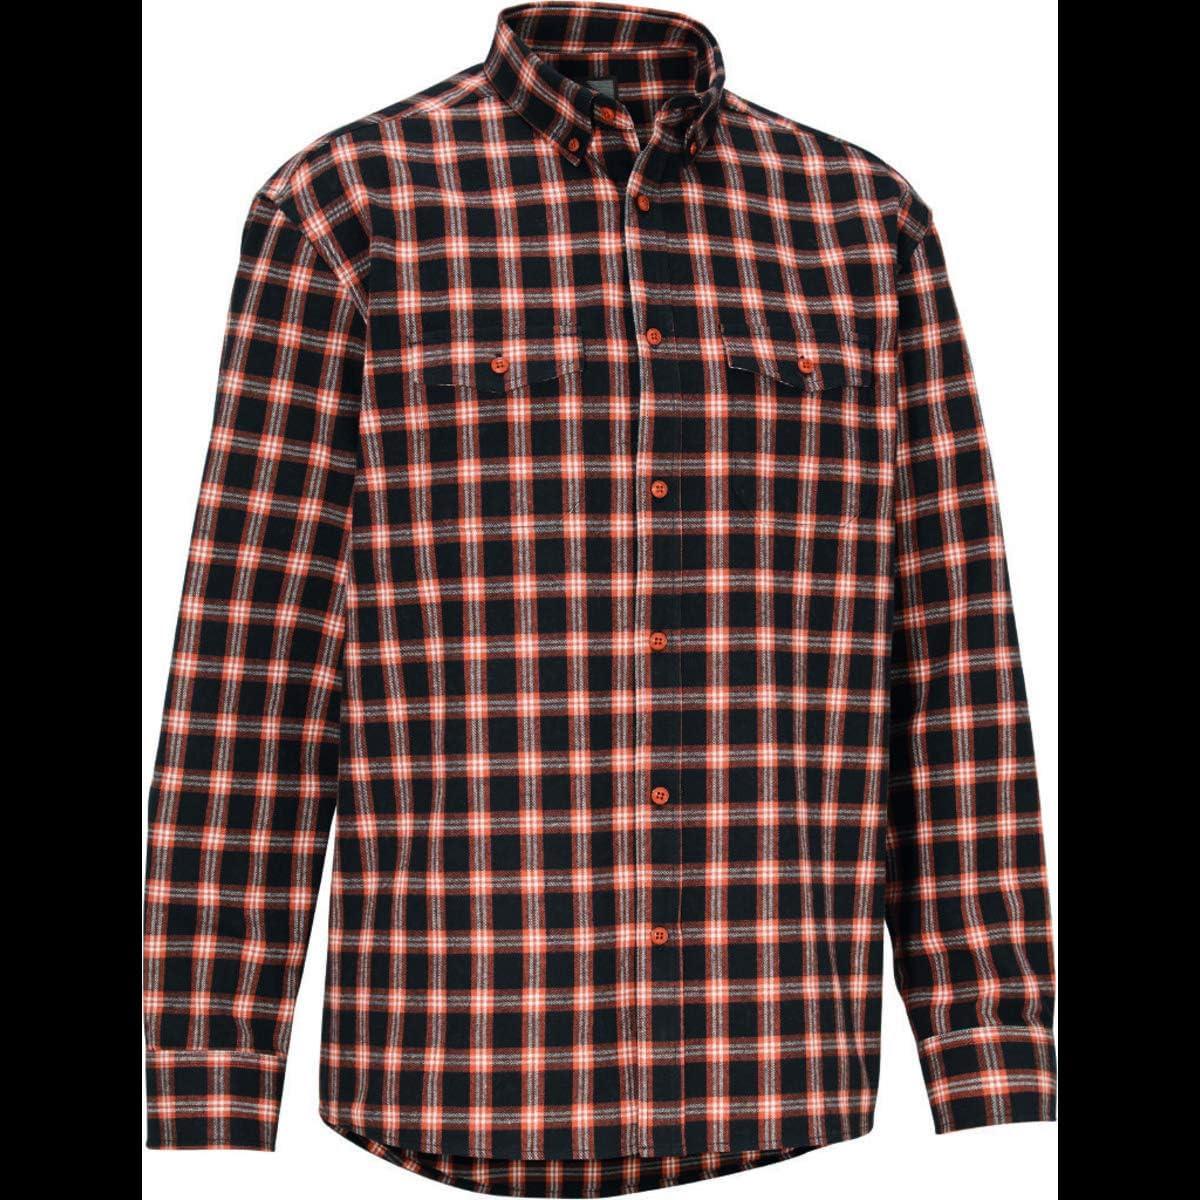 Swedteam Camisa de Cuadros Sueco Clive Classic M Naranja XXXL a Cuadros XXXL: Amazon.es: Deportes y aire libre